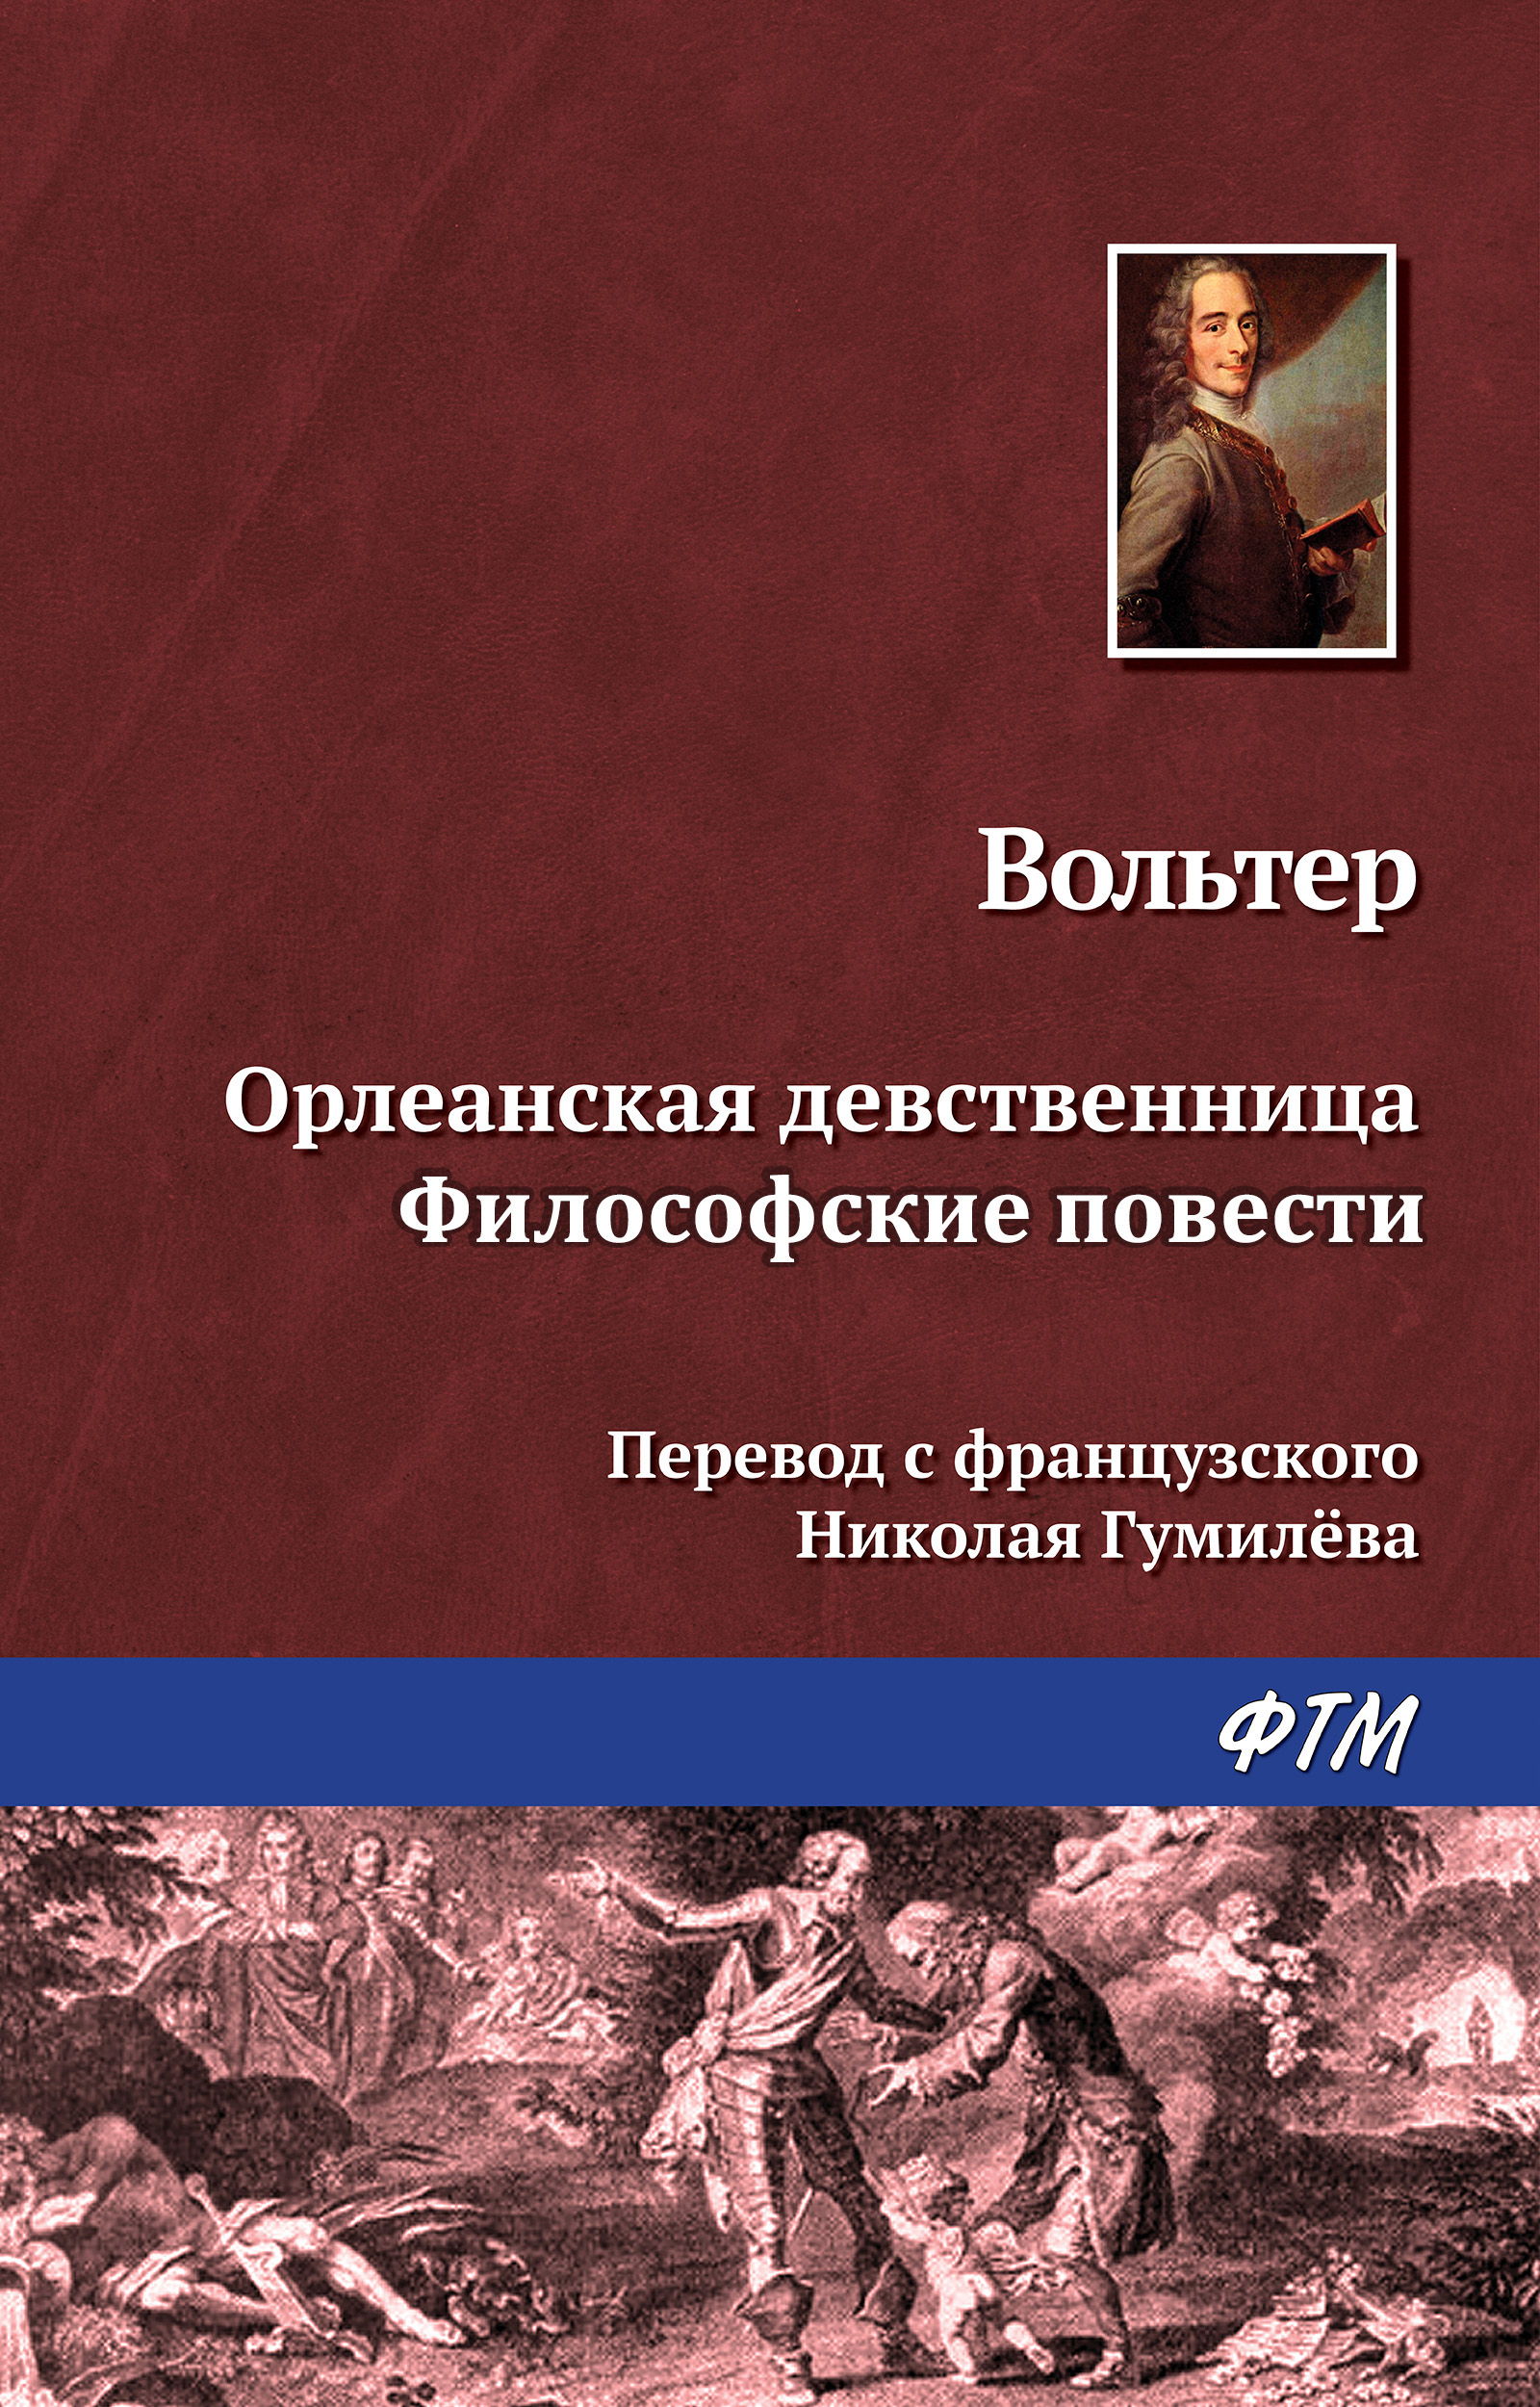 Орлеанская девственница. Философские повести (сборник)